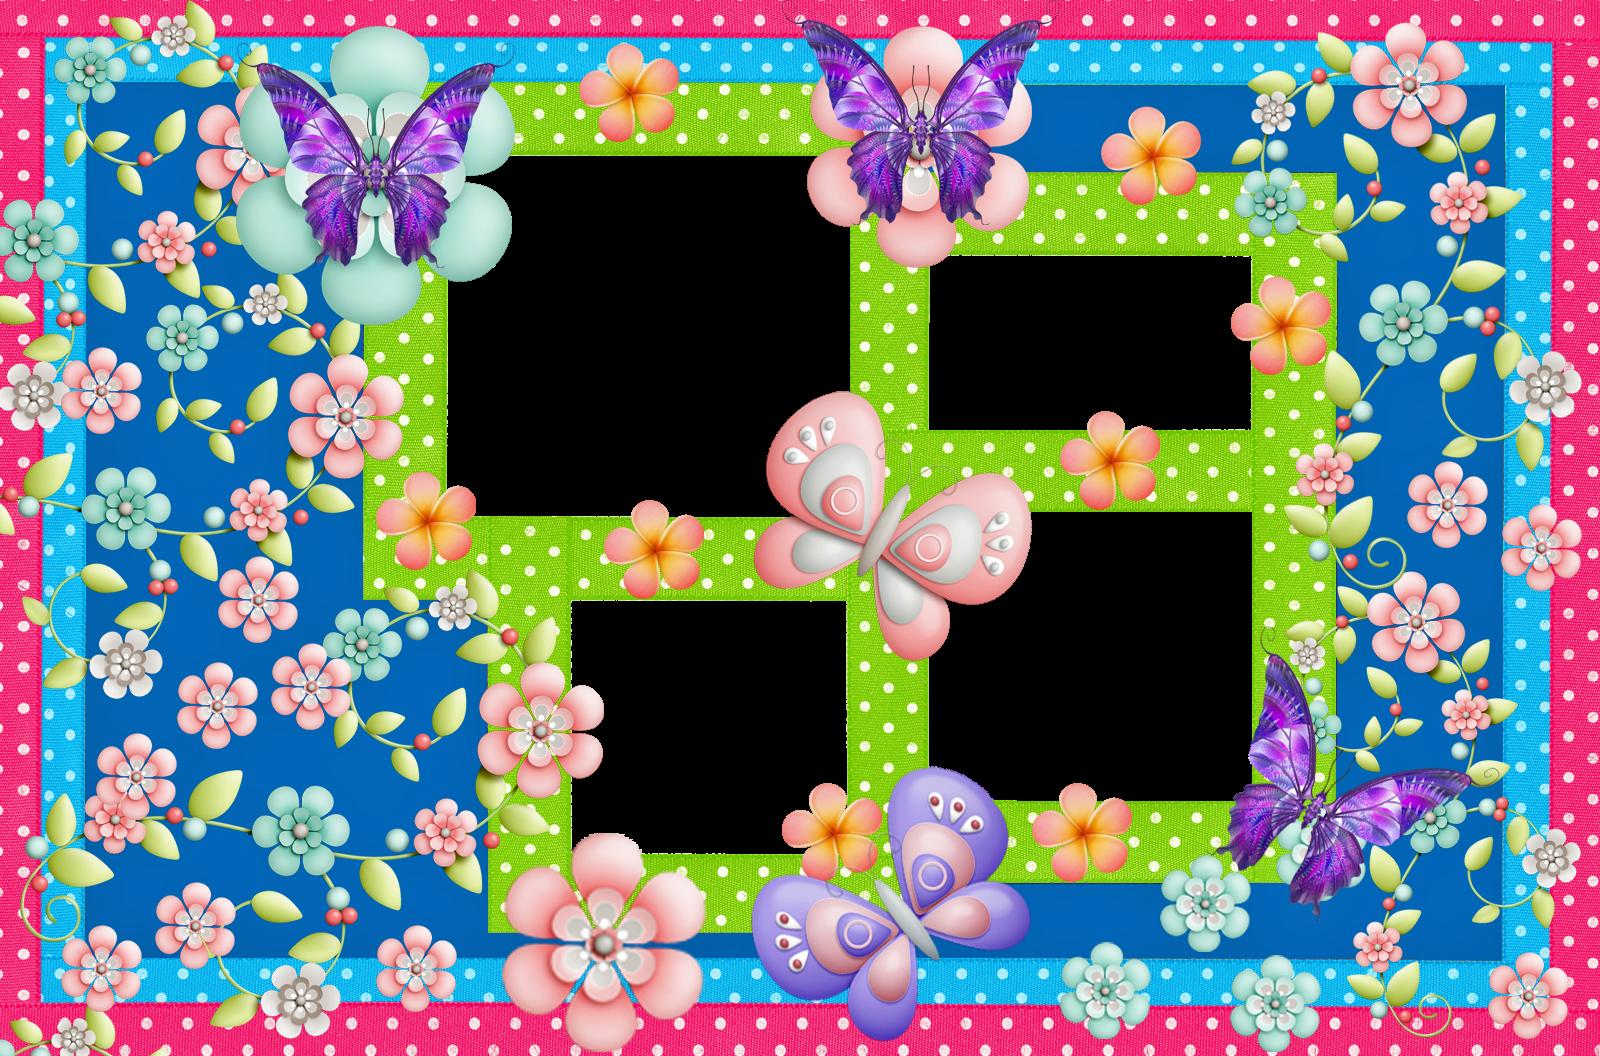 Marcos Para Fotos Con Flores Y Mariposas Fondos De Pantalla Y